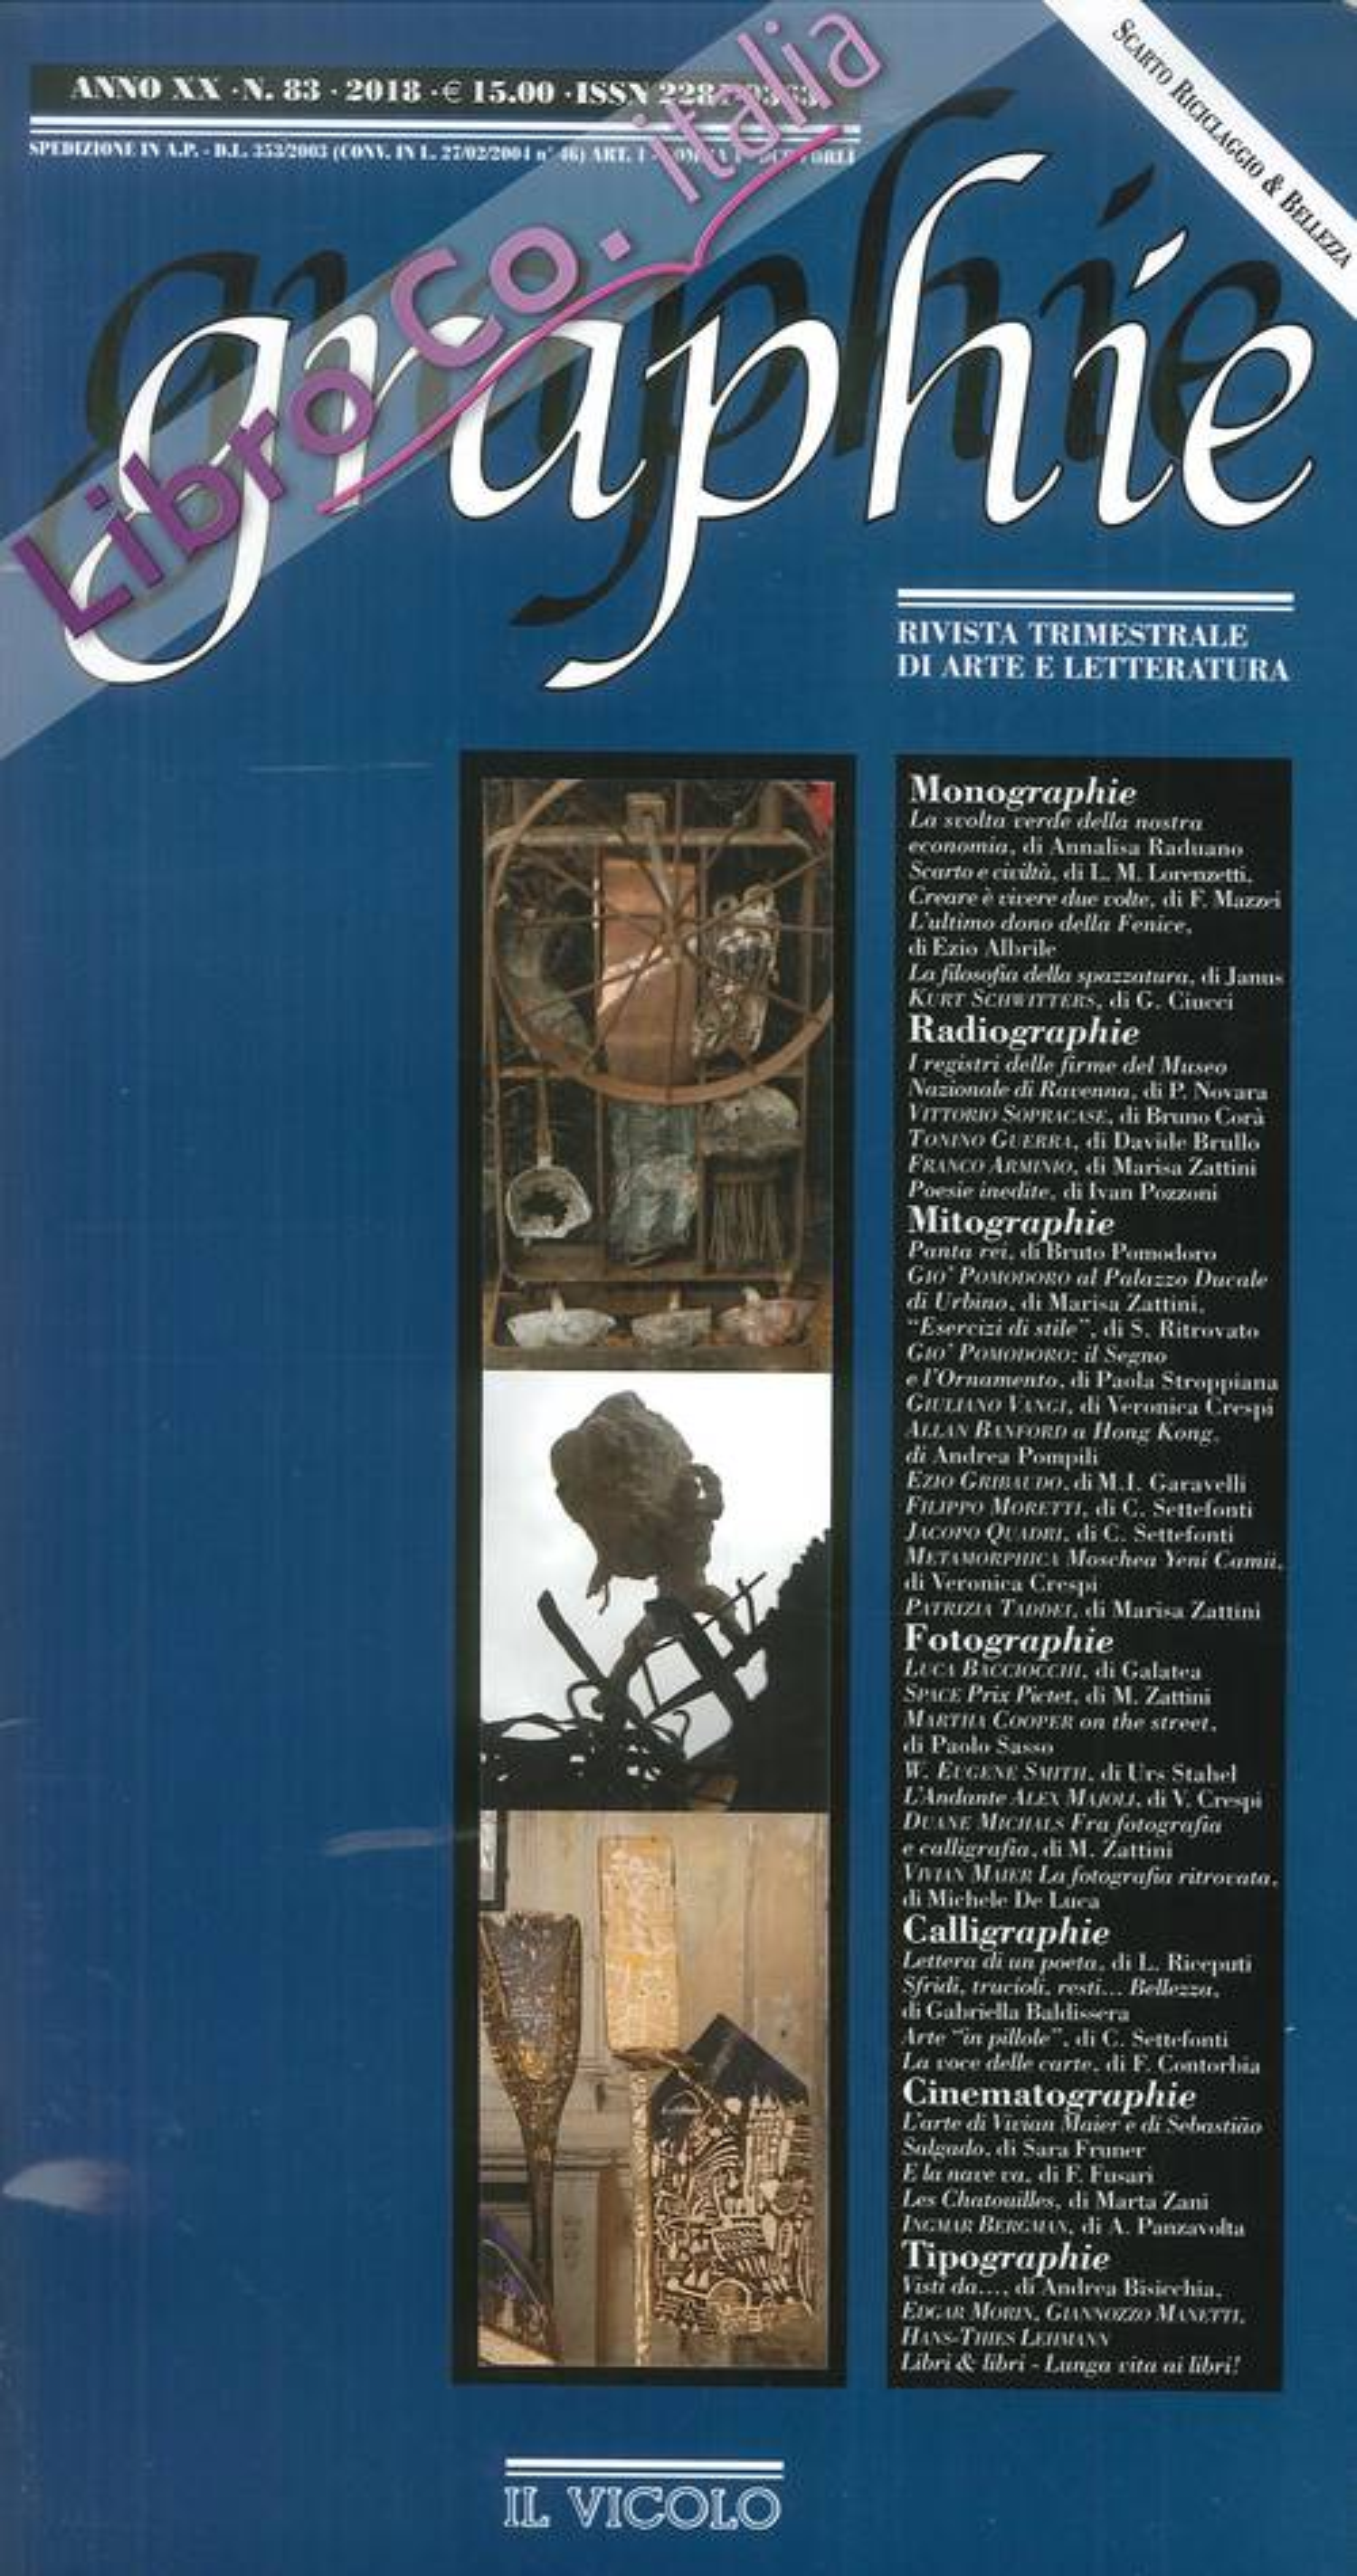 Graphie. Rivista Trimestrale di Arte e Letteratura. Anno XX. N°. 83. 2018